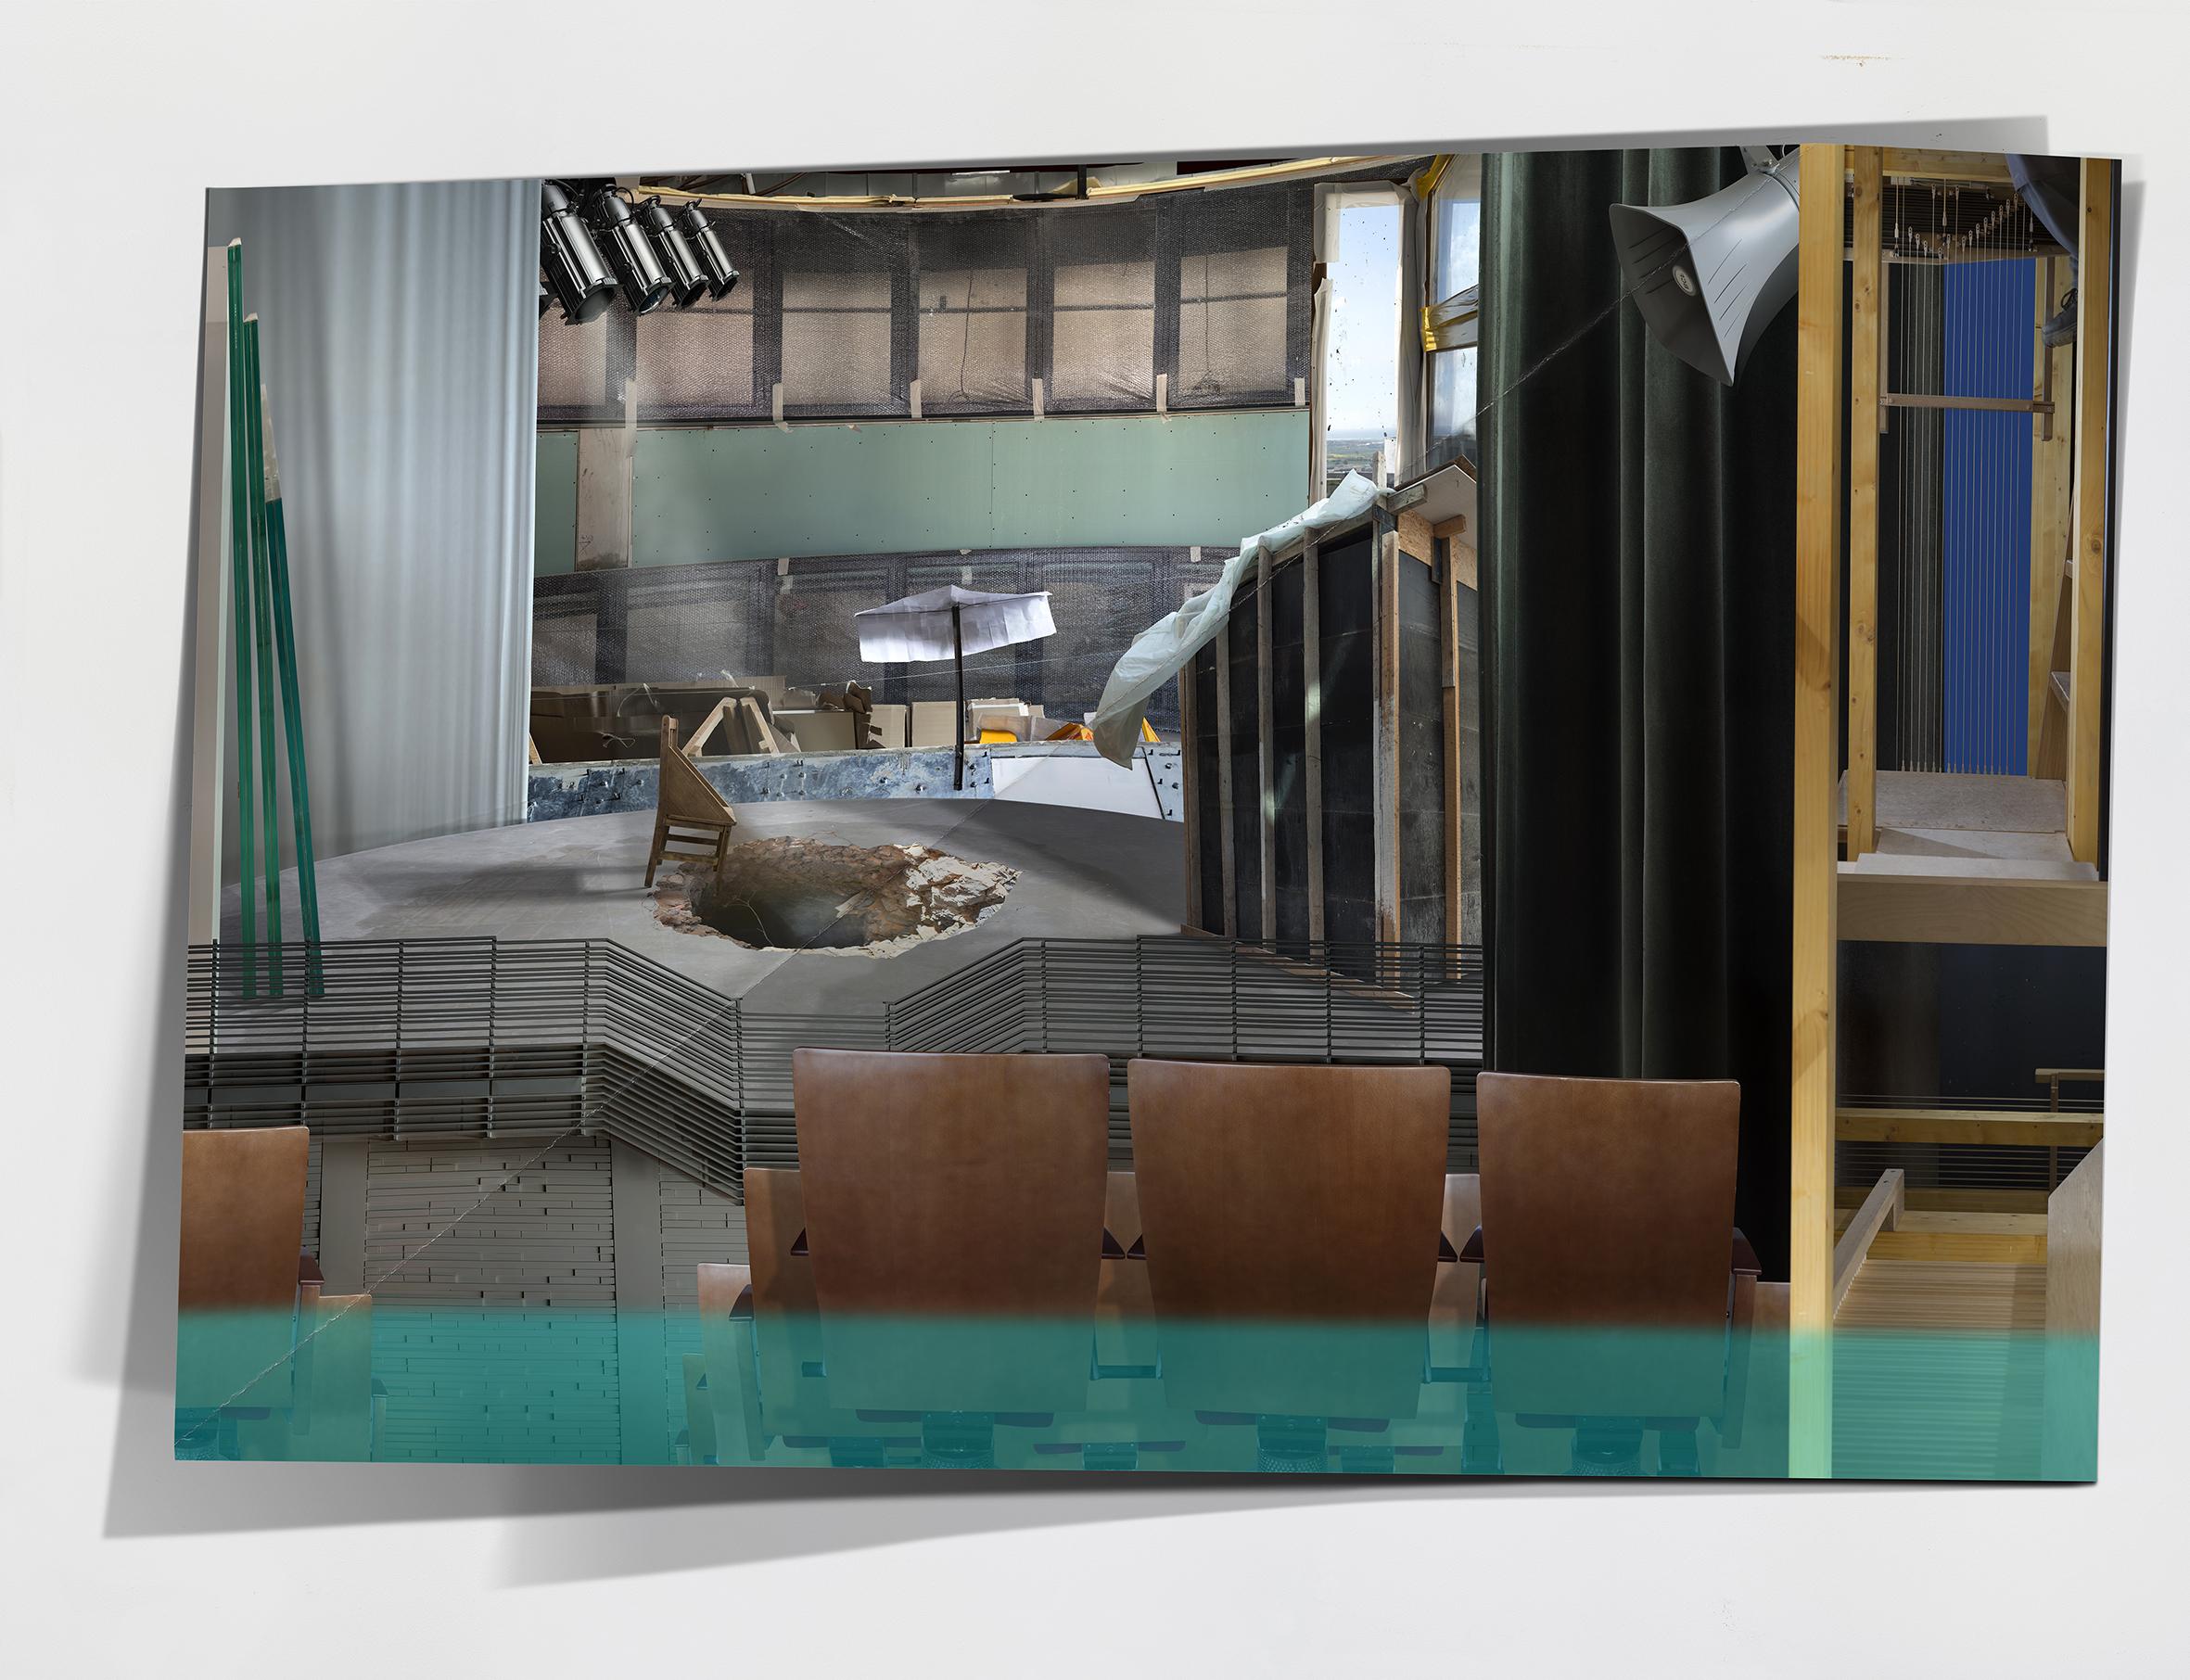 Ilit Azoulay, Wipe the Slate Clean, 2016, Inkjet print, 150x 195 cm